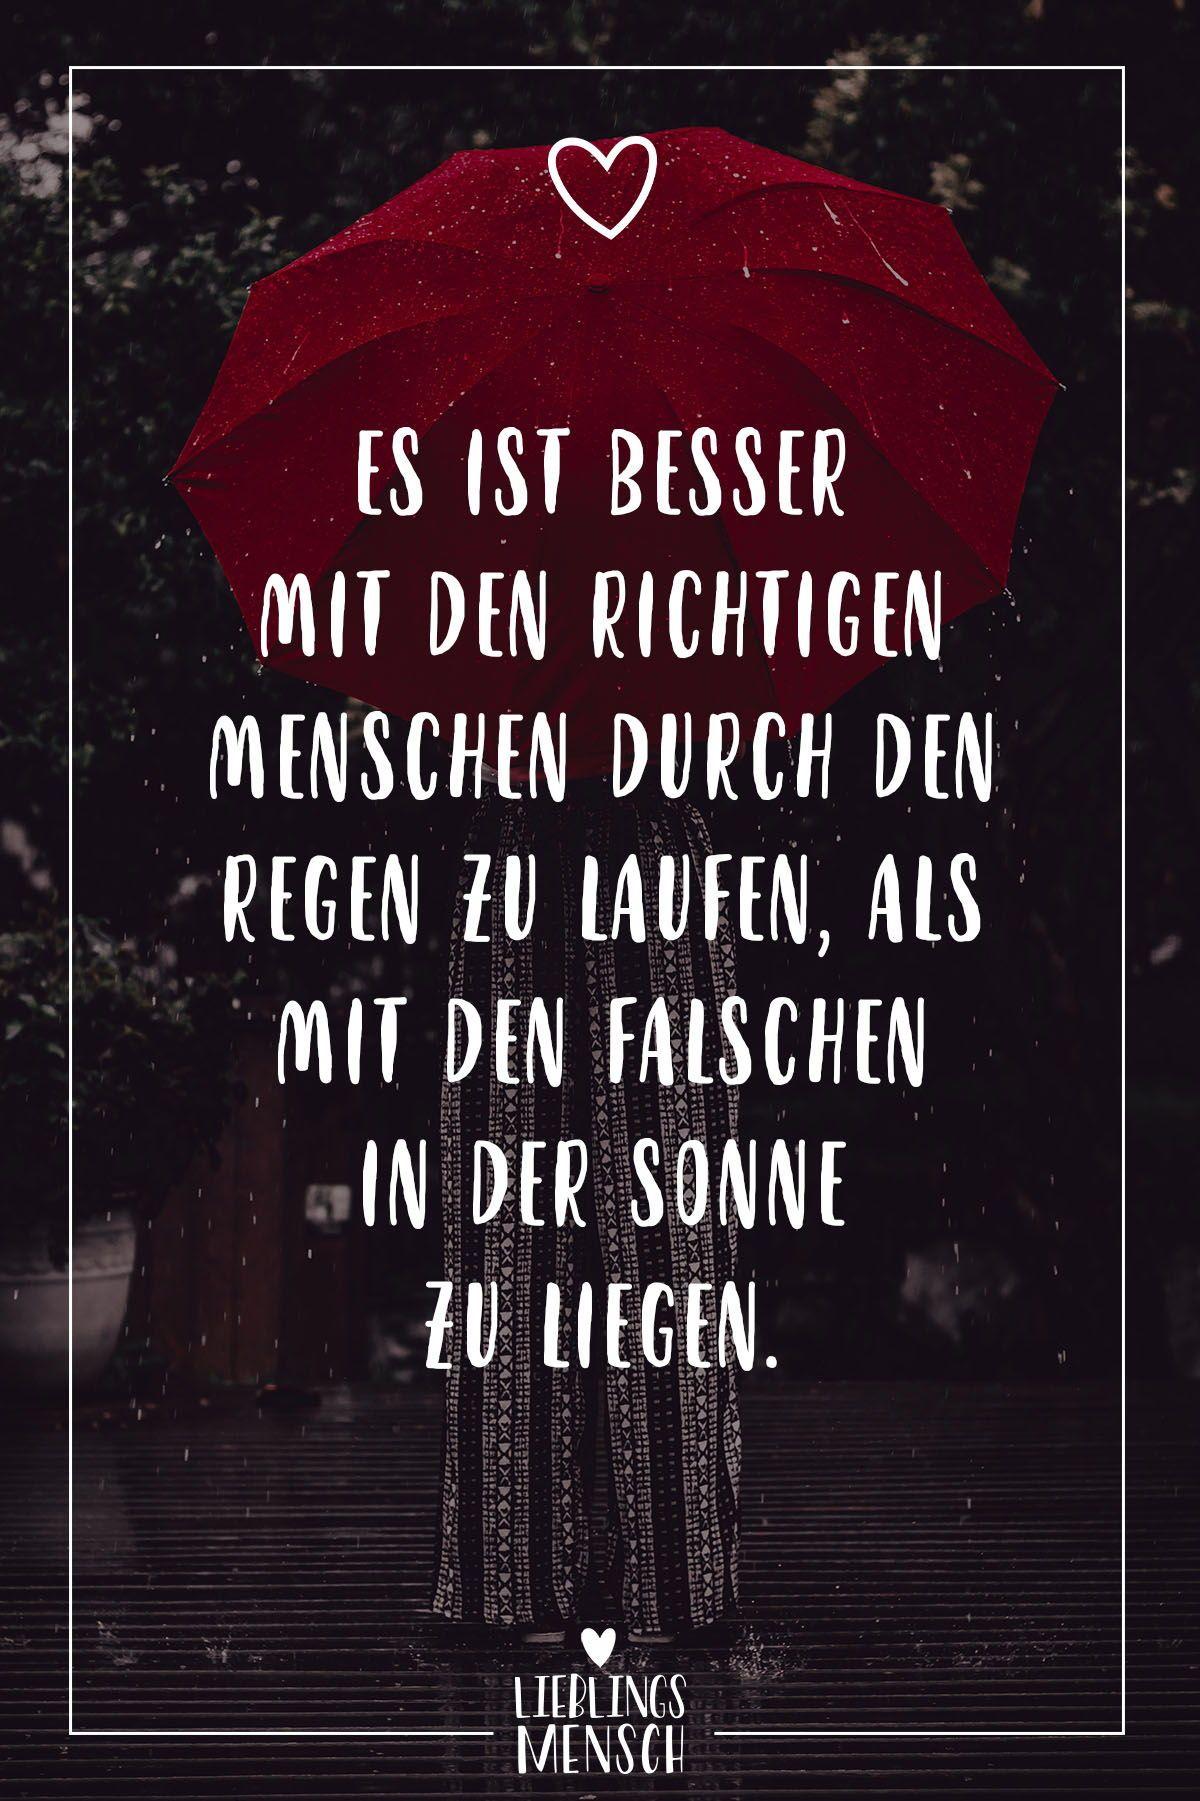 Visual Statements®️ Es ist besser mit den richtigen Menschen durch den Regen zu laufen, als mit den falschen in der Sonne zu liegen. Sprüche / Zitate / Quotes / Lieblingsmensch / Freundschaft / Beziehung / Liebe / Familie / tiefgründig / lustig / schön / nachdenken #VisualStatements #Sprüche #Spruch #Lieblingsmensch #Freundschaft #Beziehung #Emotionen